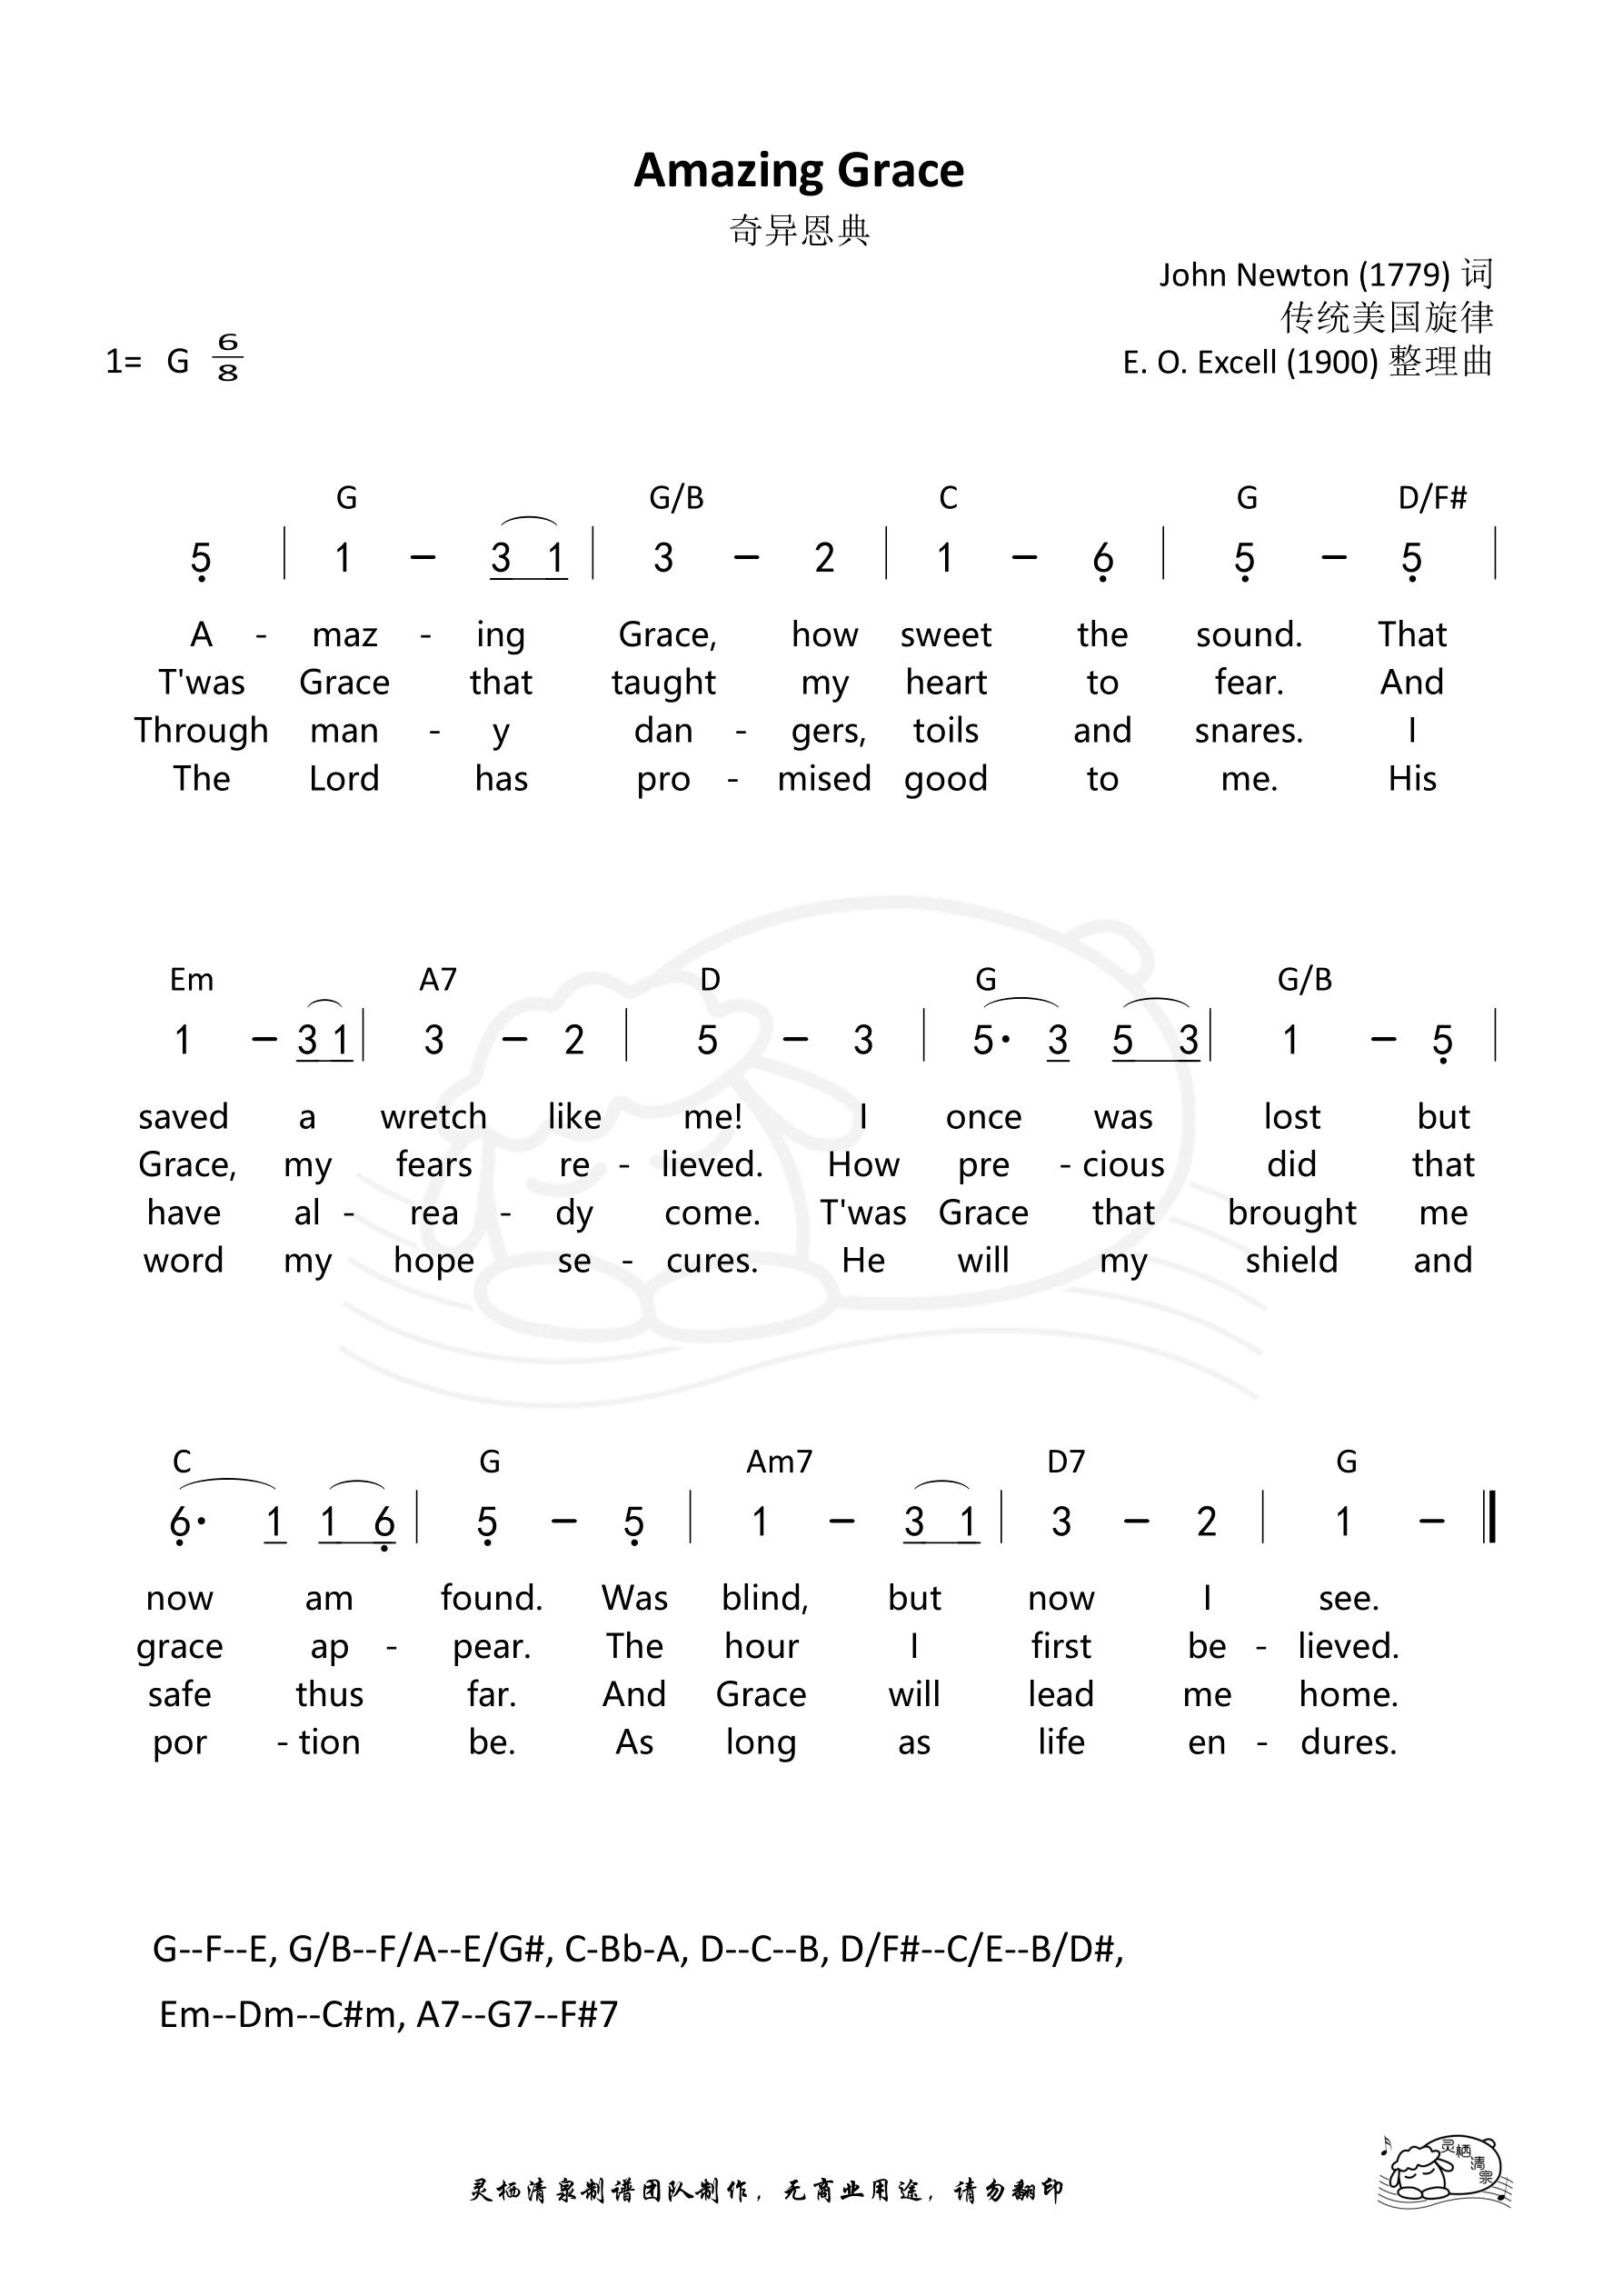 《第1001首 - Amazing Grace 和弦简谱》